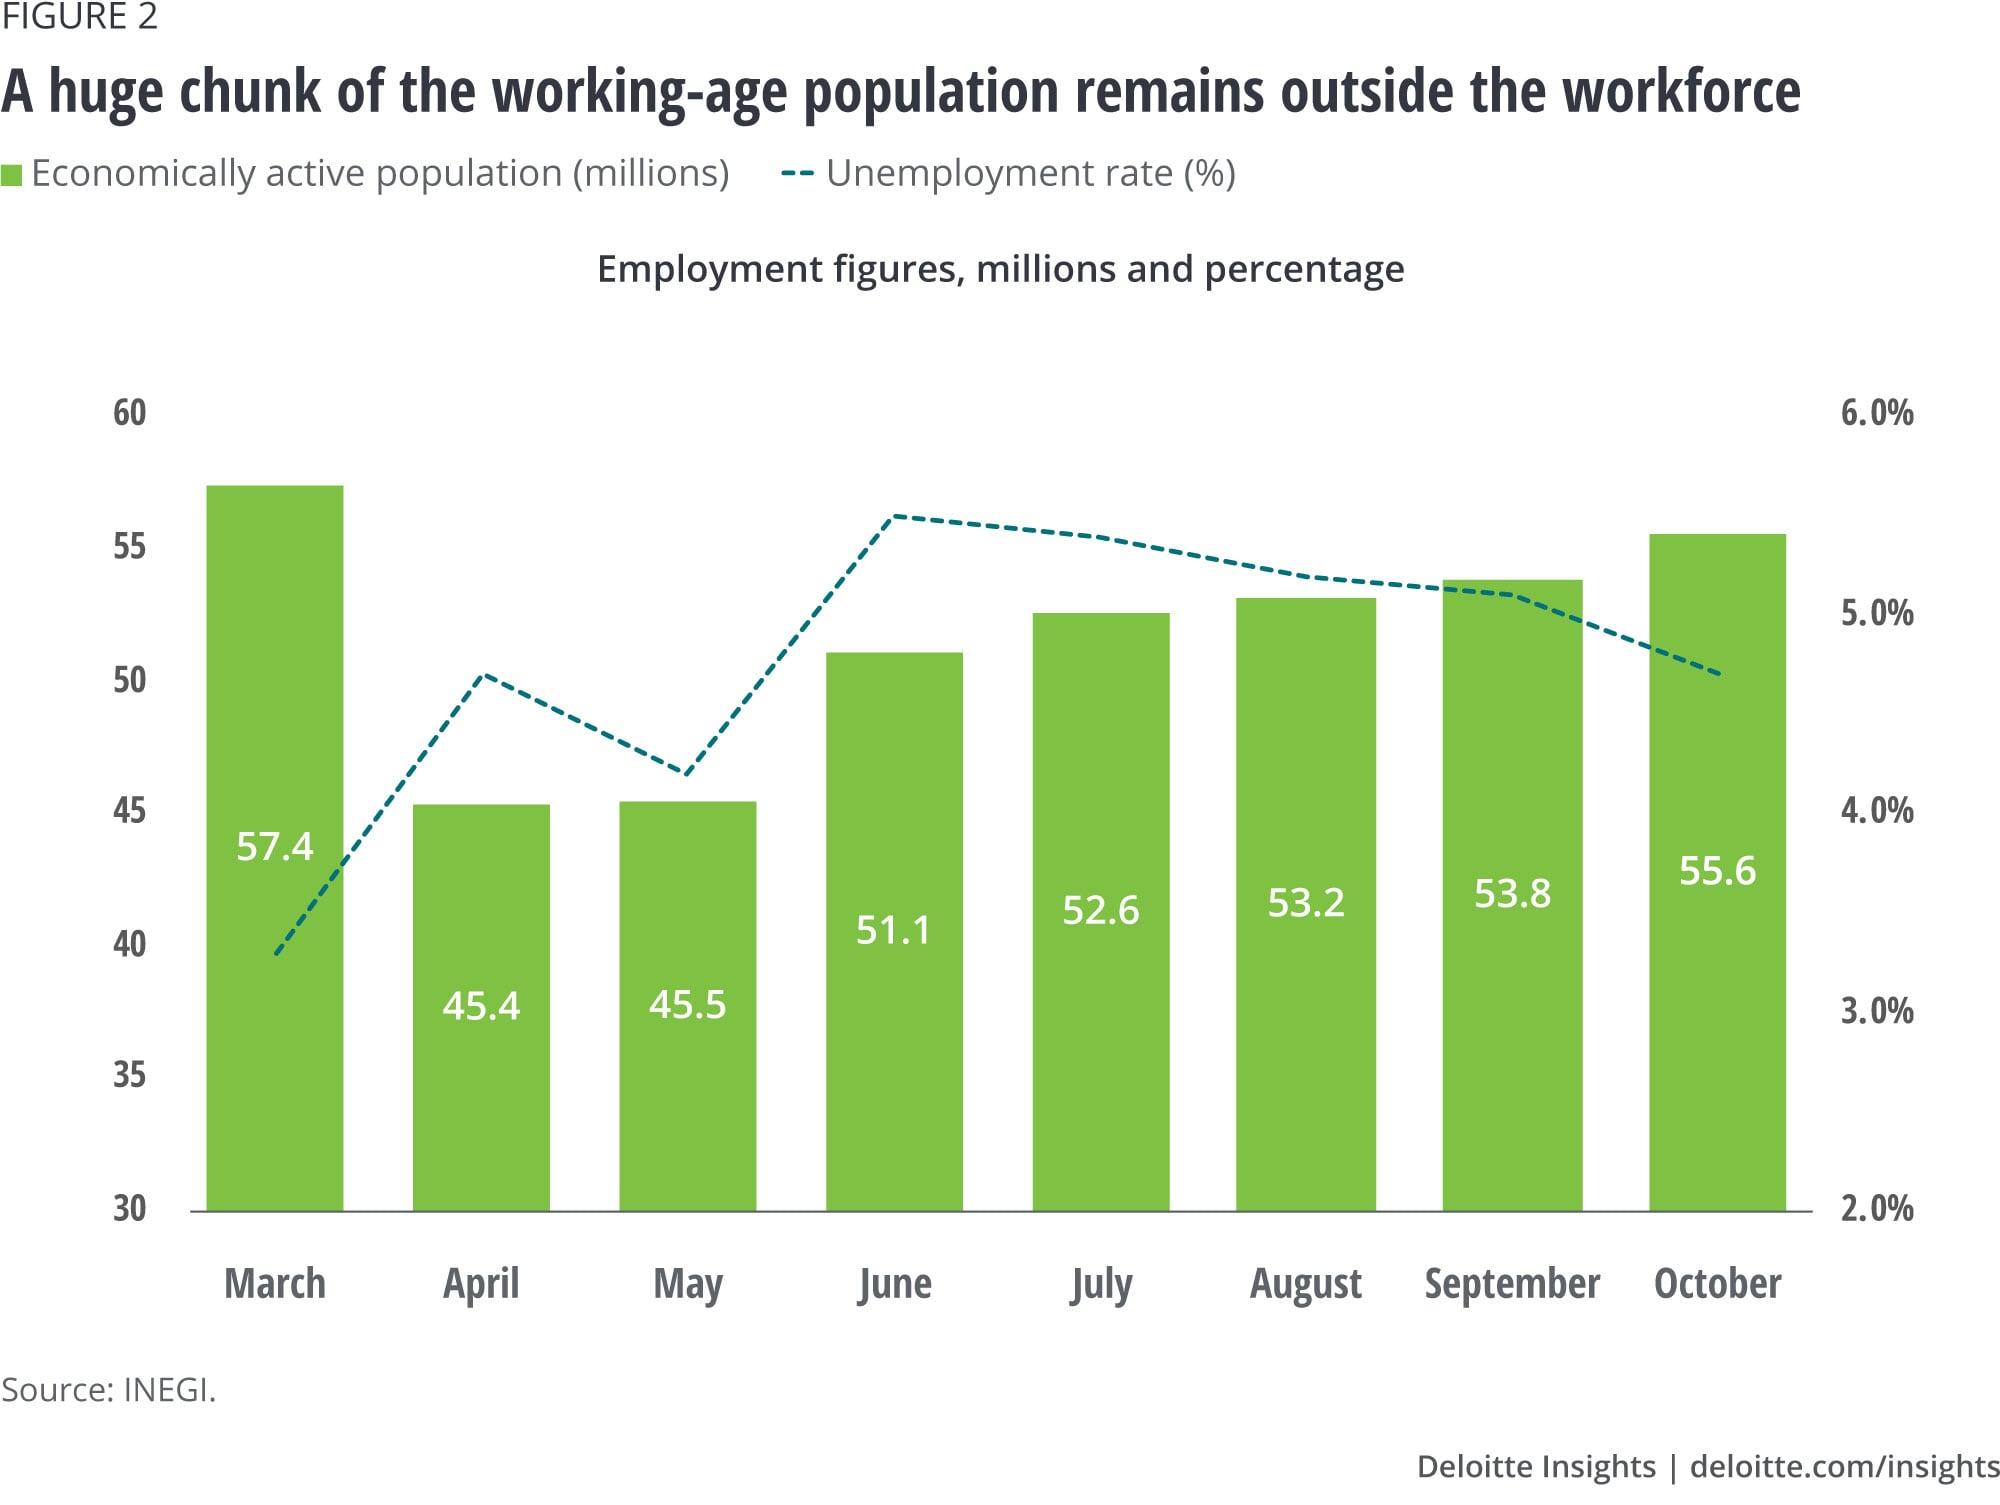 Ein großer Teil der Bevölkerung im erwerbsfähigen Alter bleibt außerhalb des Arbeitsmarktes